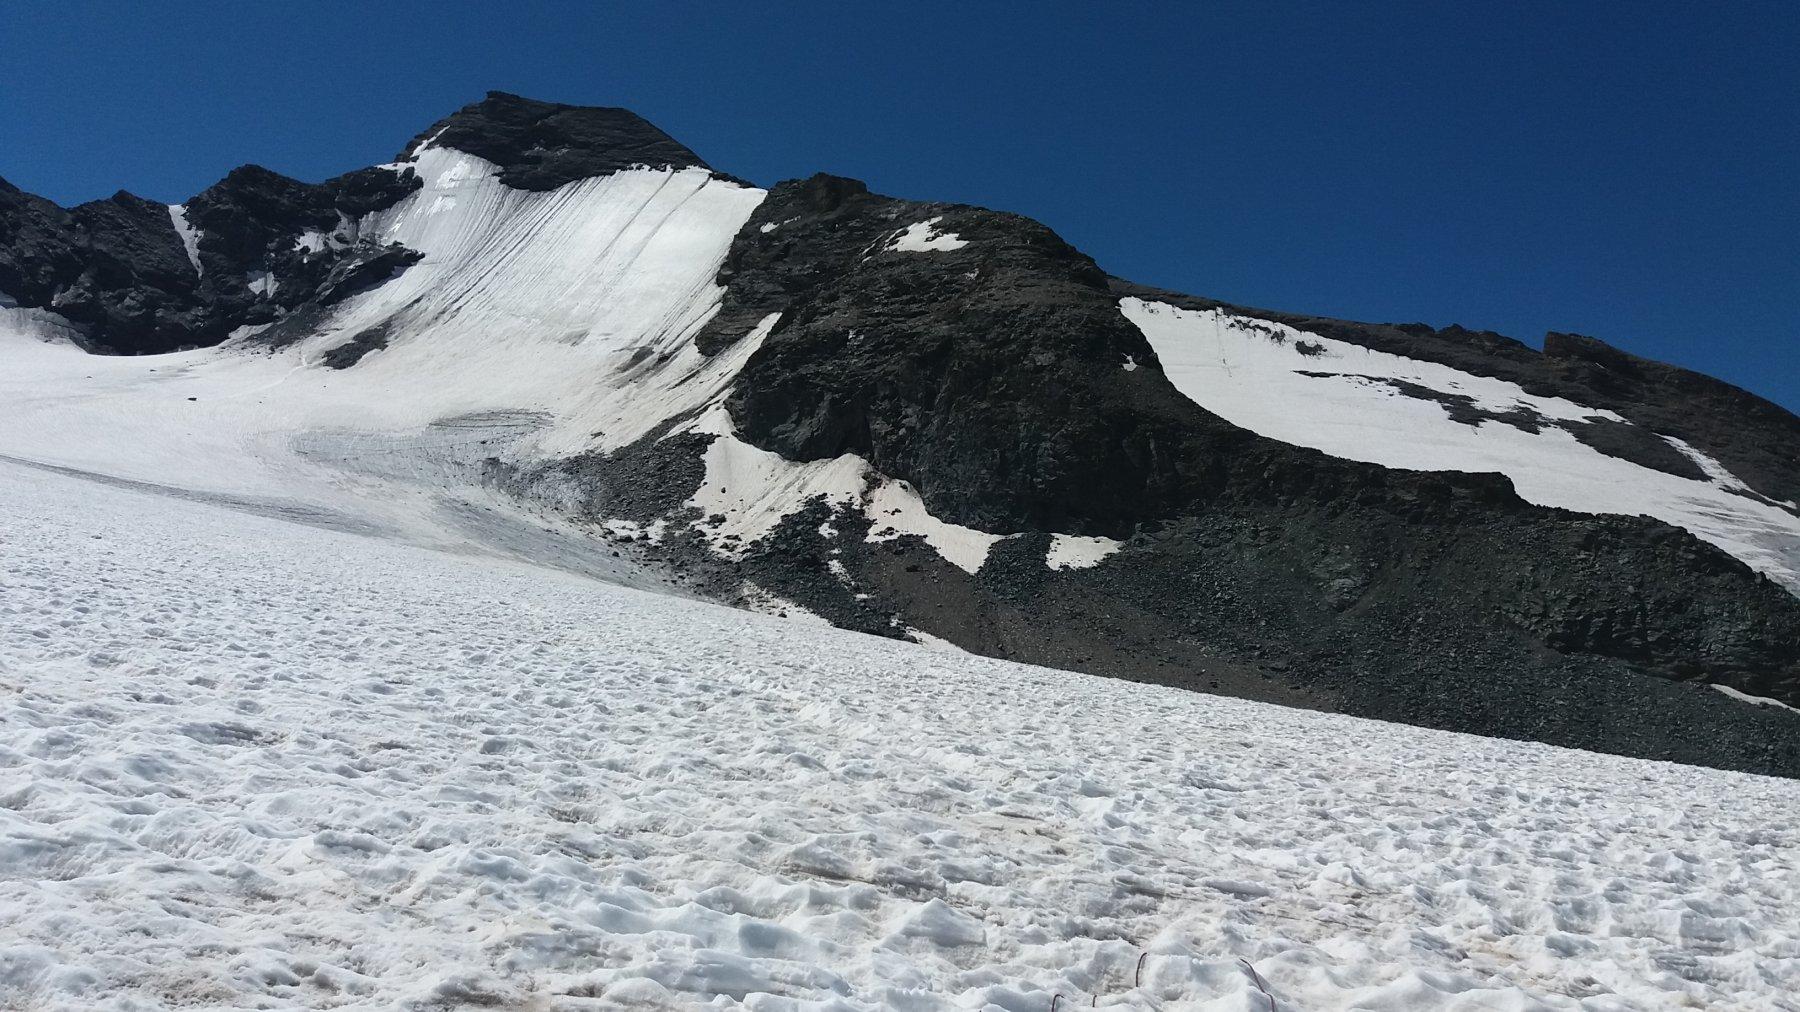 Il ghiacciaio Source d'Isere e la parete nord della Grande Aiguille Rousse